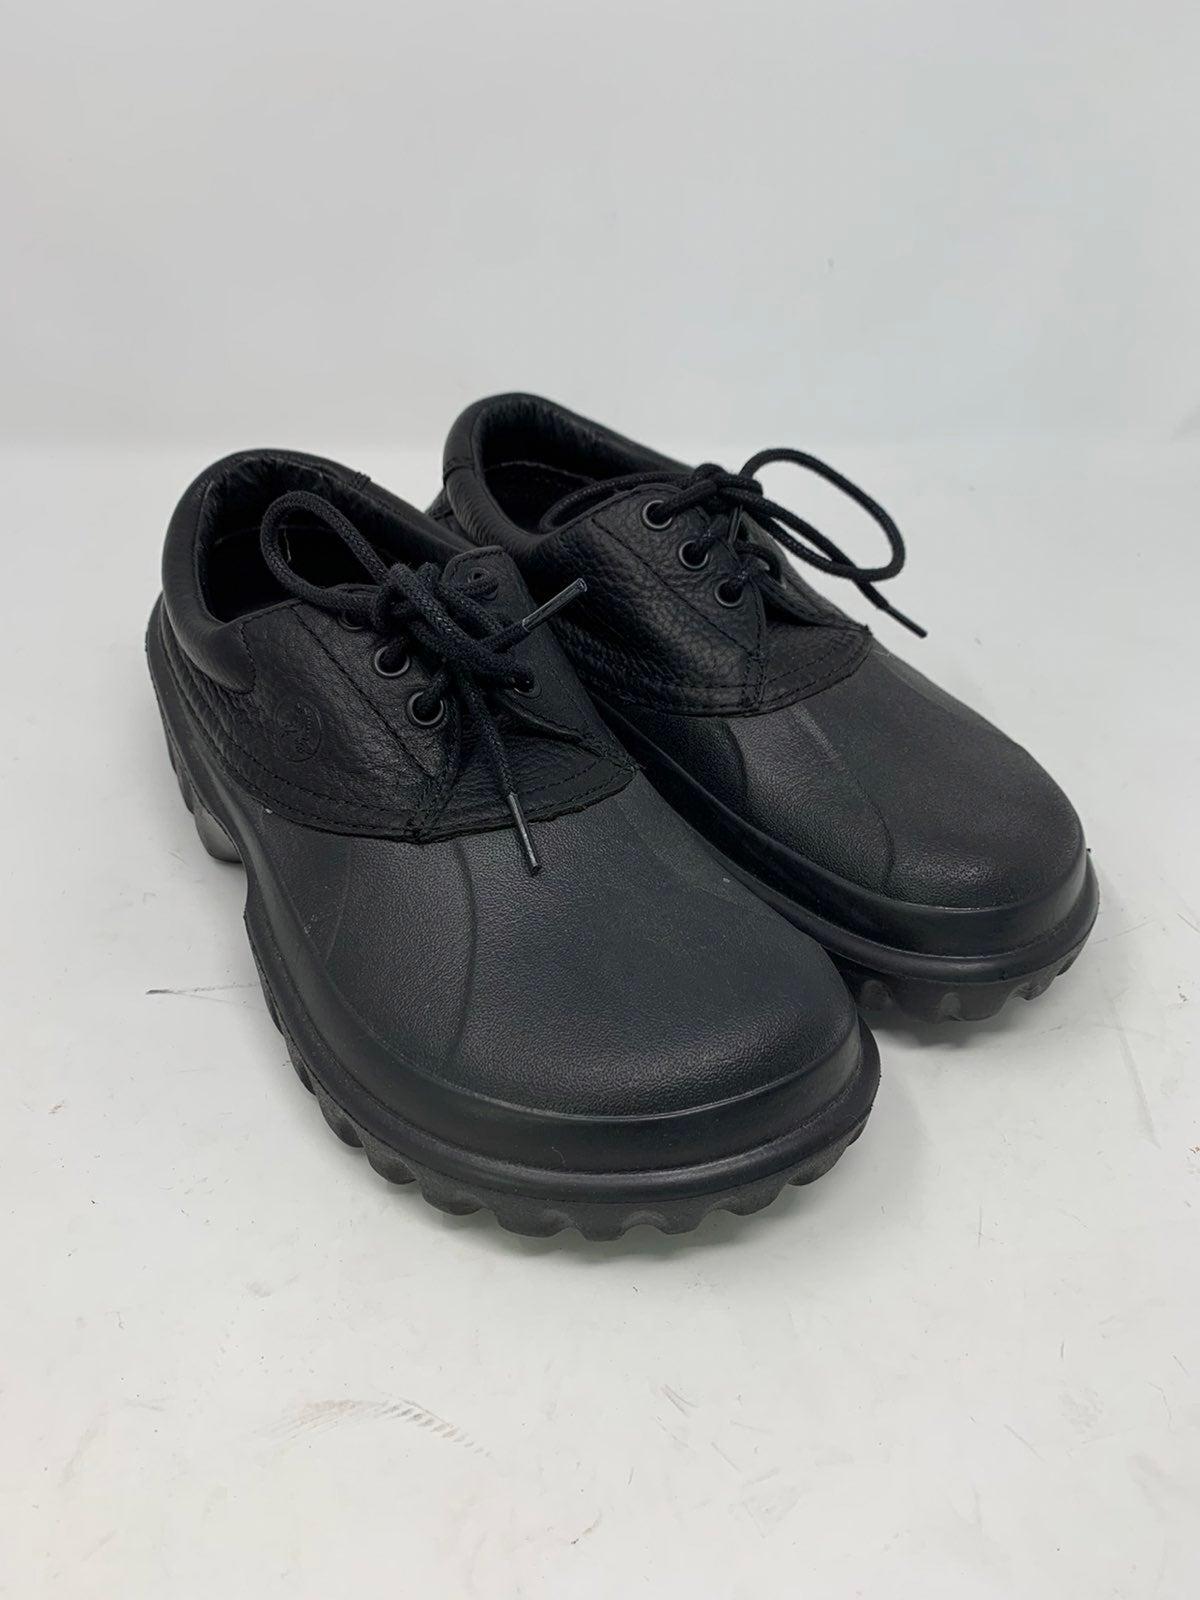 Crocs Black Clogs Mens 8